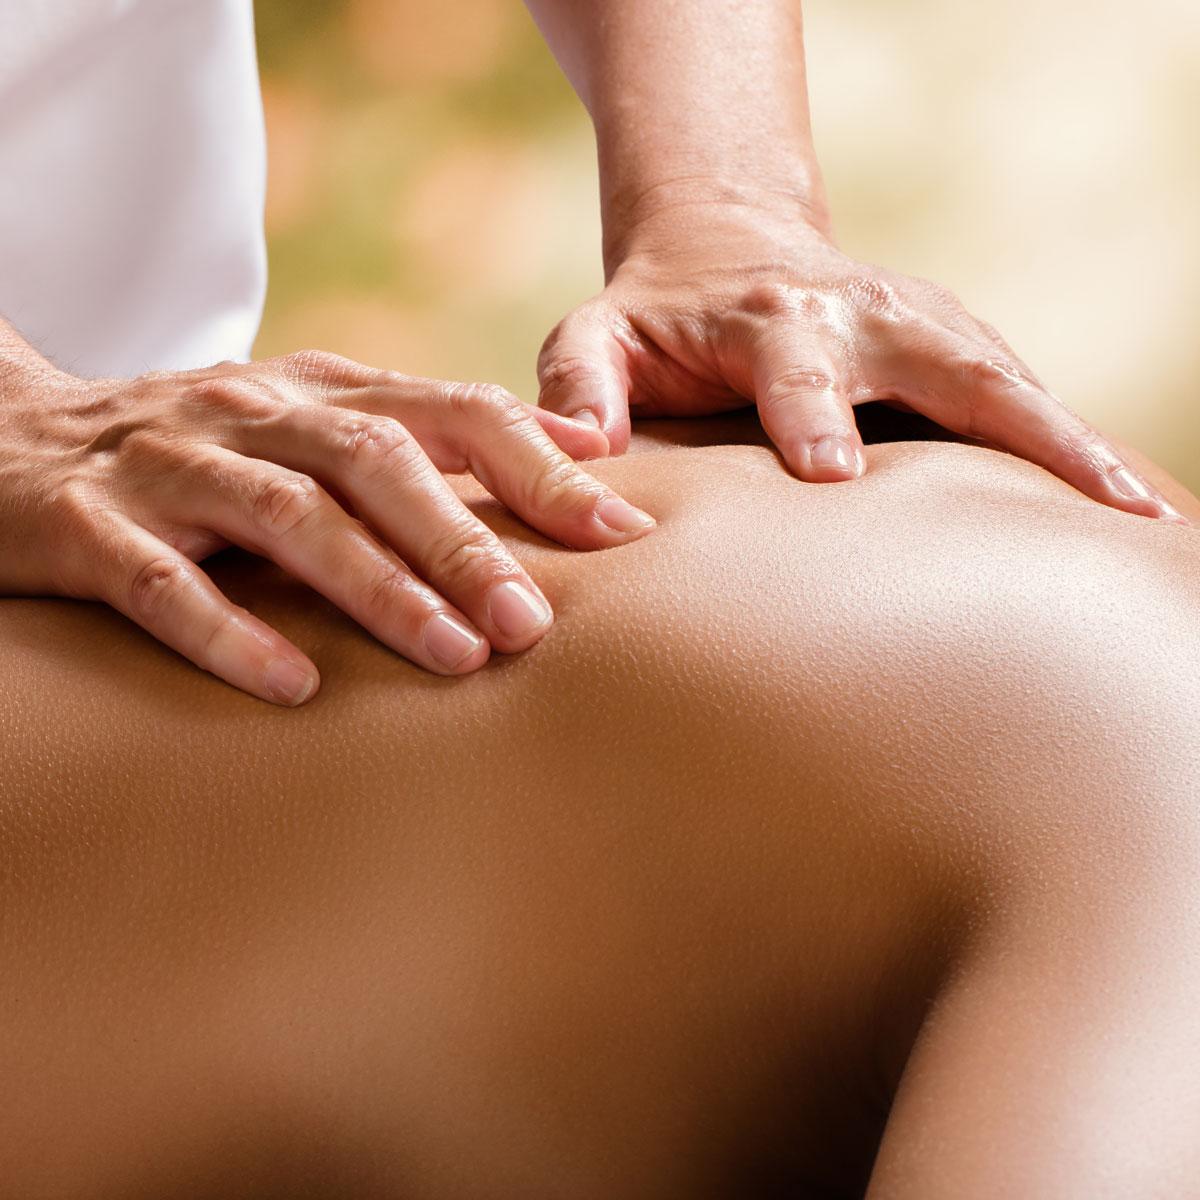 La Biokinergie associe Ostéopathie, Médecine Chinoise, techniques de fascias et de réflexothérapies